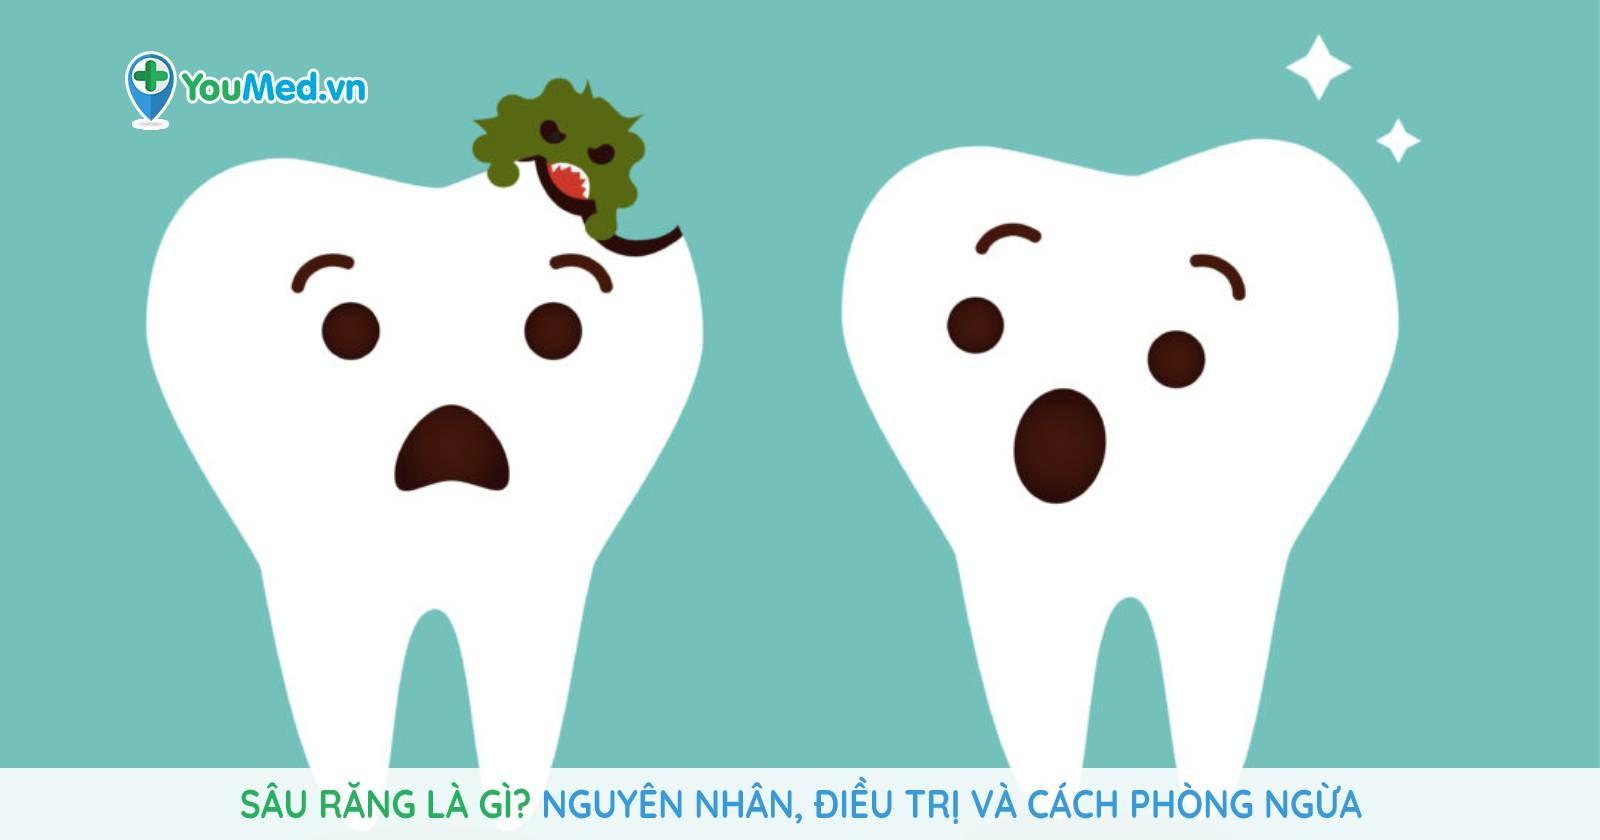 Sâu răng là gì? Nguyên nhân, điều trị và cách phòng ngừa